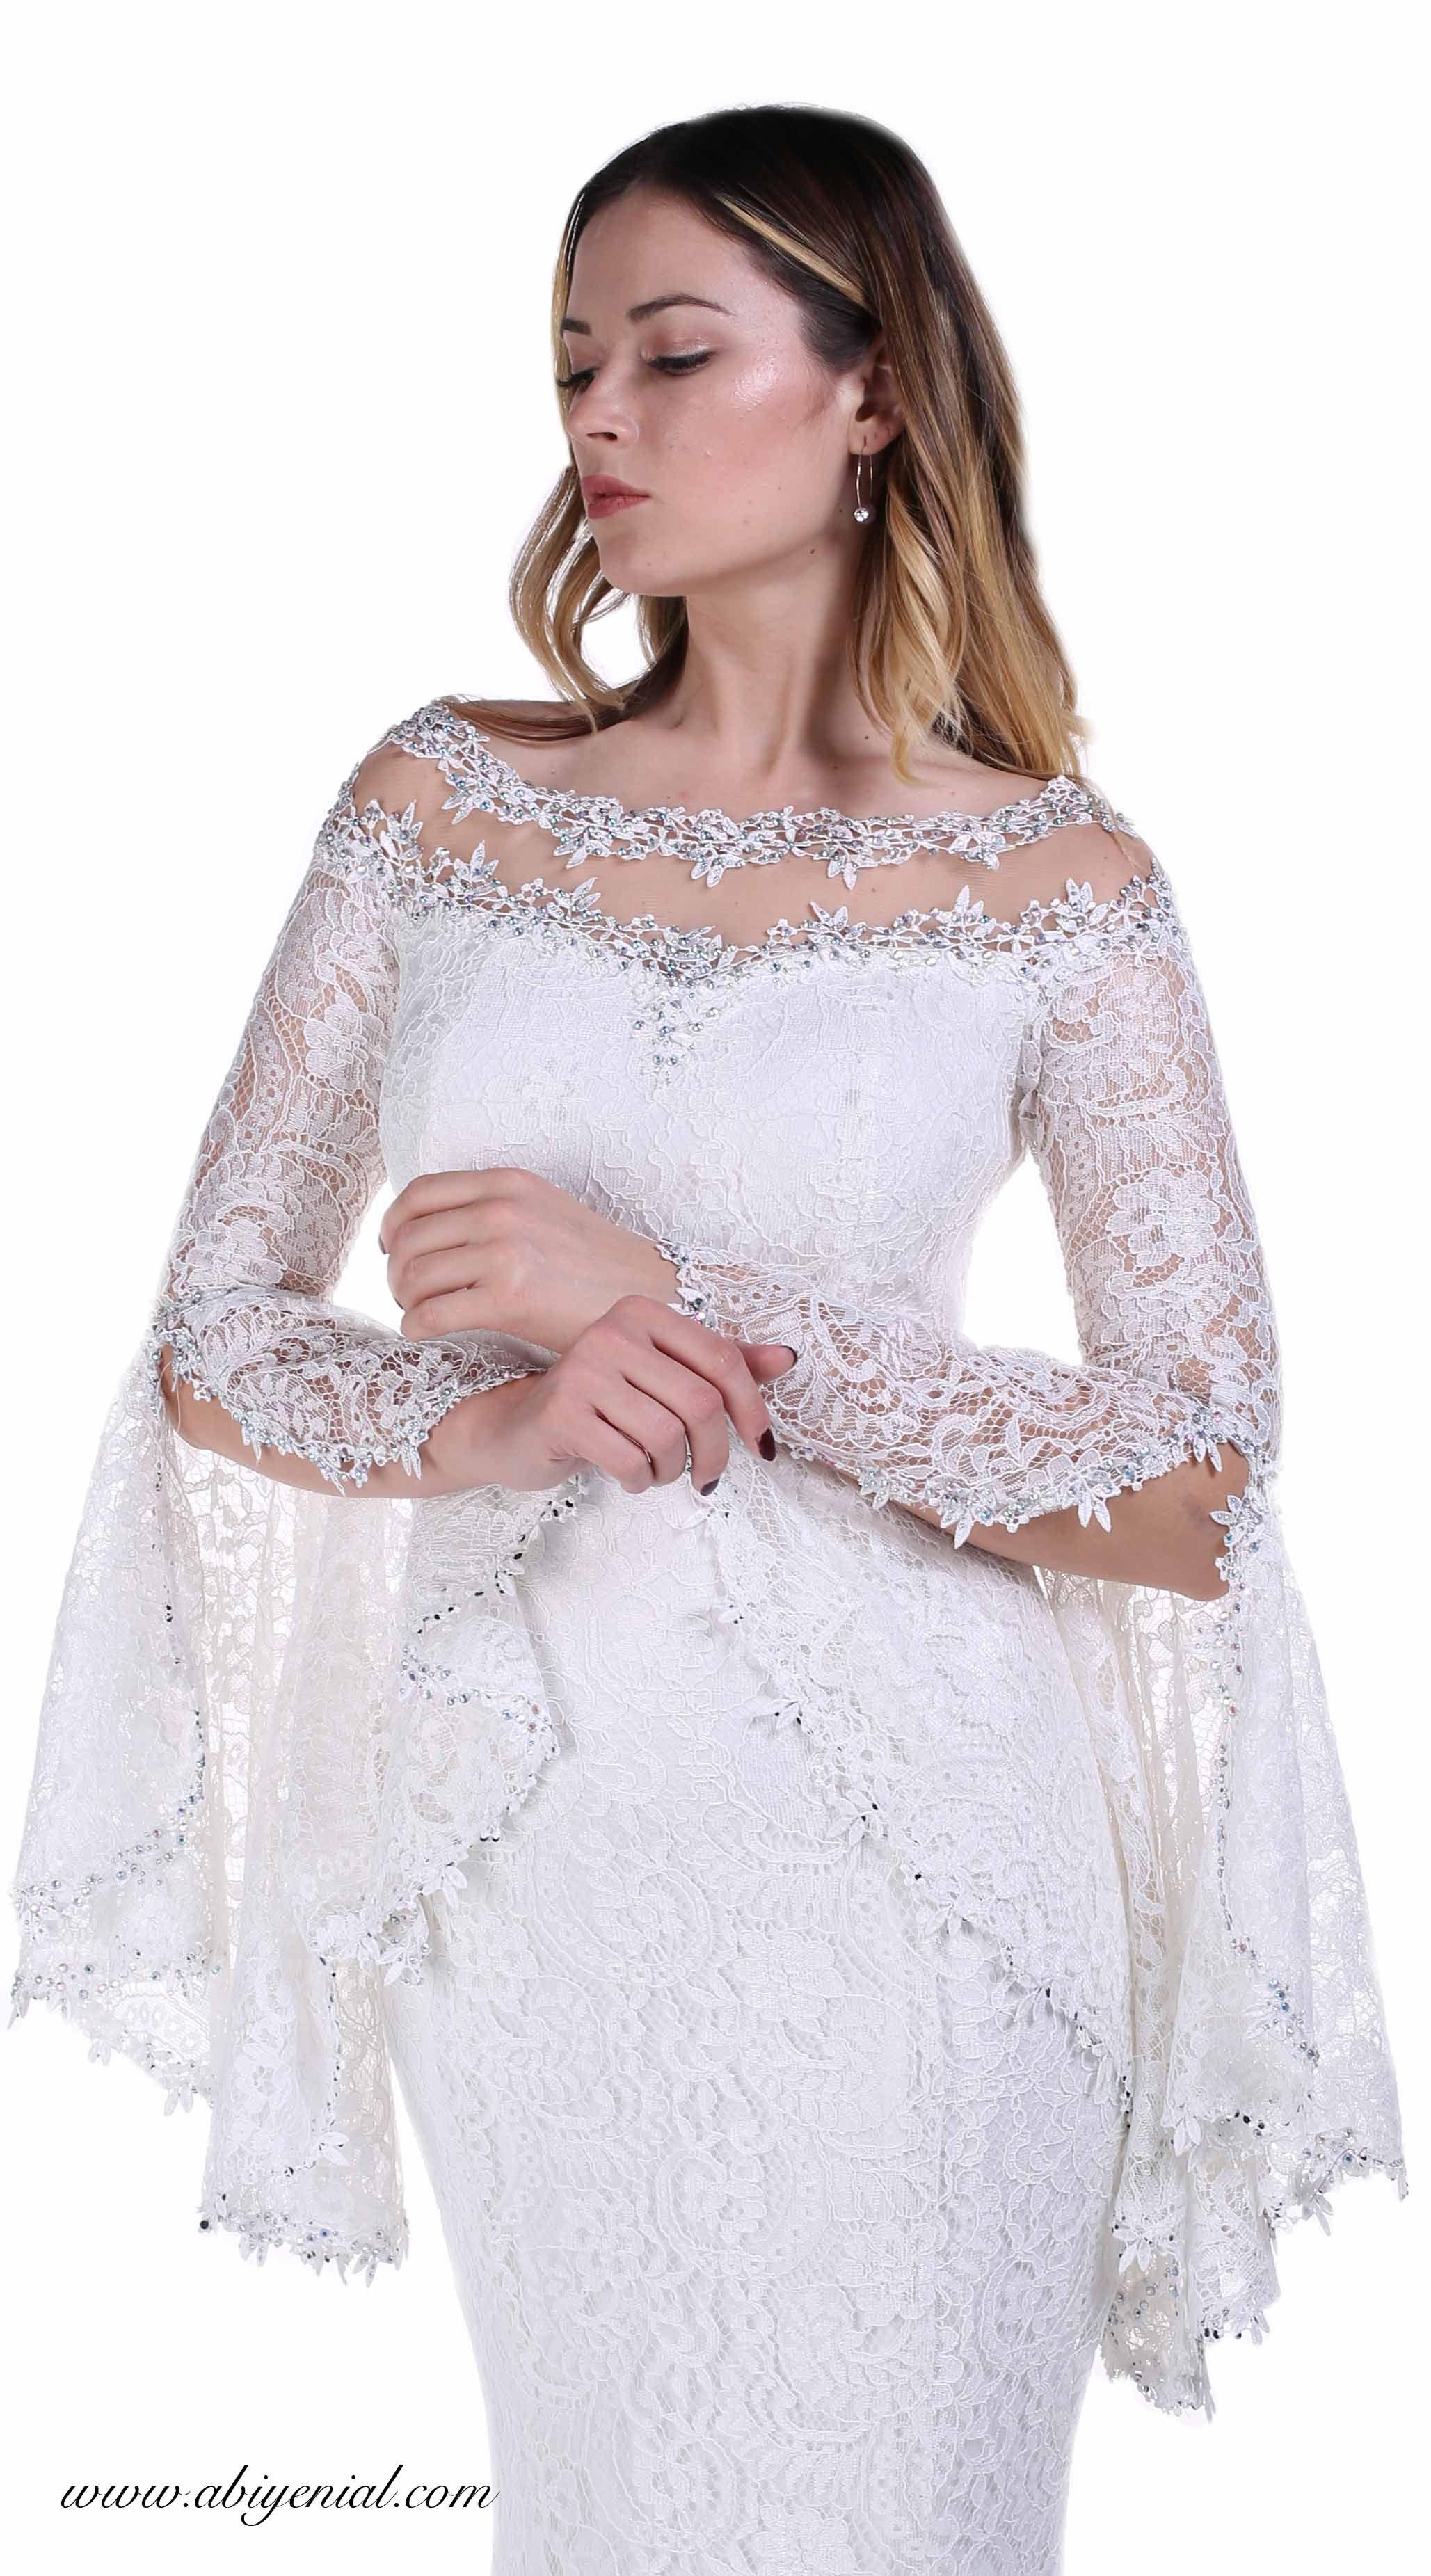 9fc61233f247d Dantel Balık Abiye Elbise, Volan Kollu, Nikah Abiyesi #nikah #beyaz #sade #  uzun #balıkabiye #dantelli #2018 #2019 #romantik #ekru #krem #bride  #weeding ...